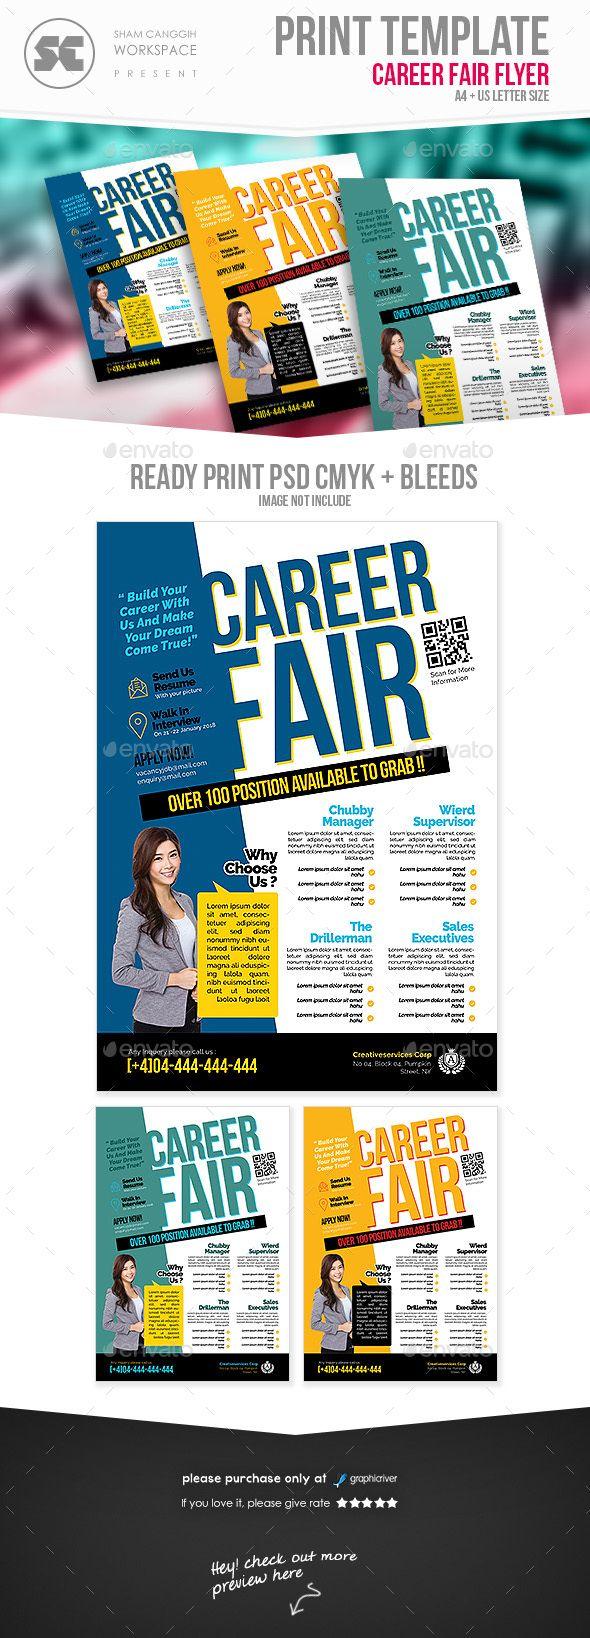 Career Fair Flyer | Vistas